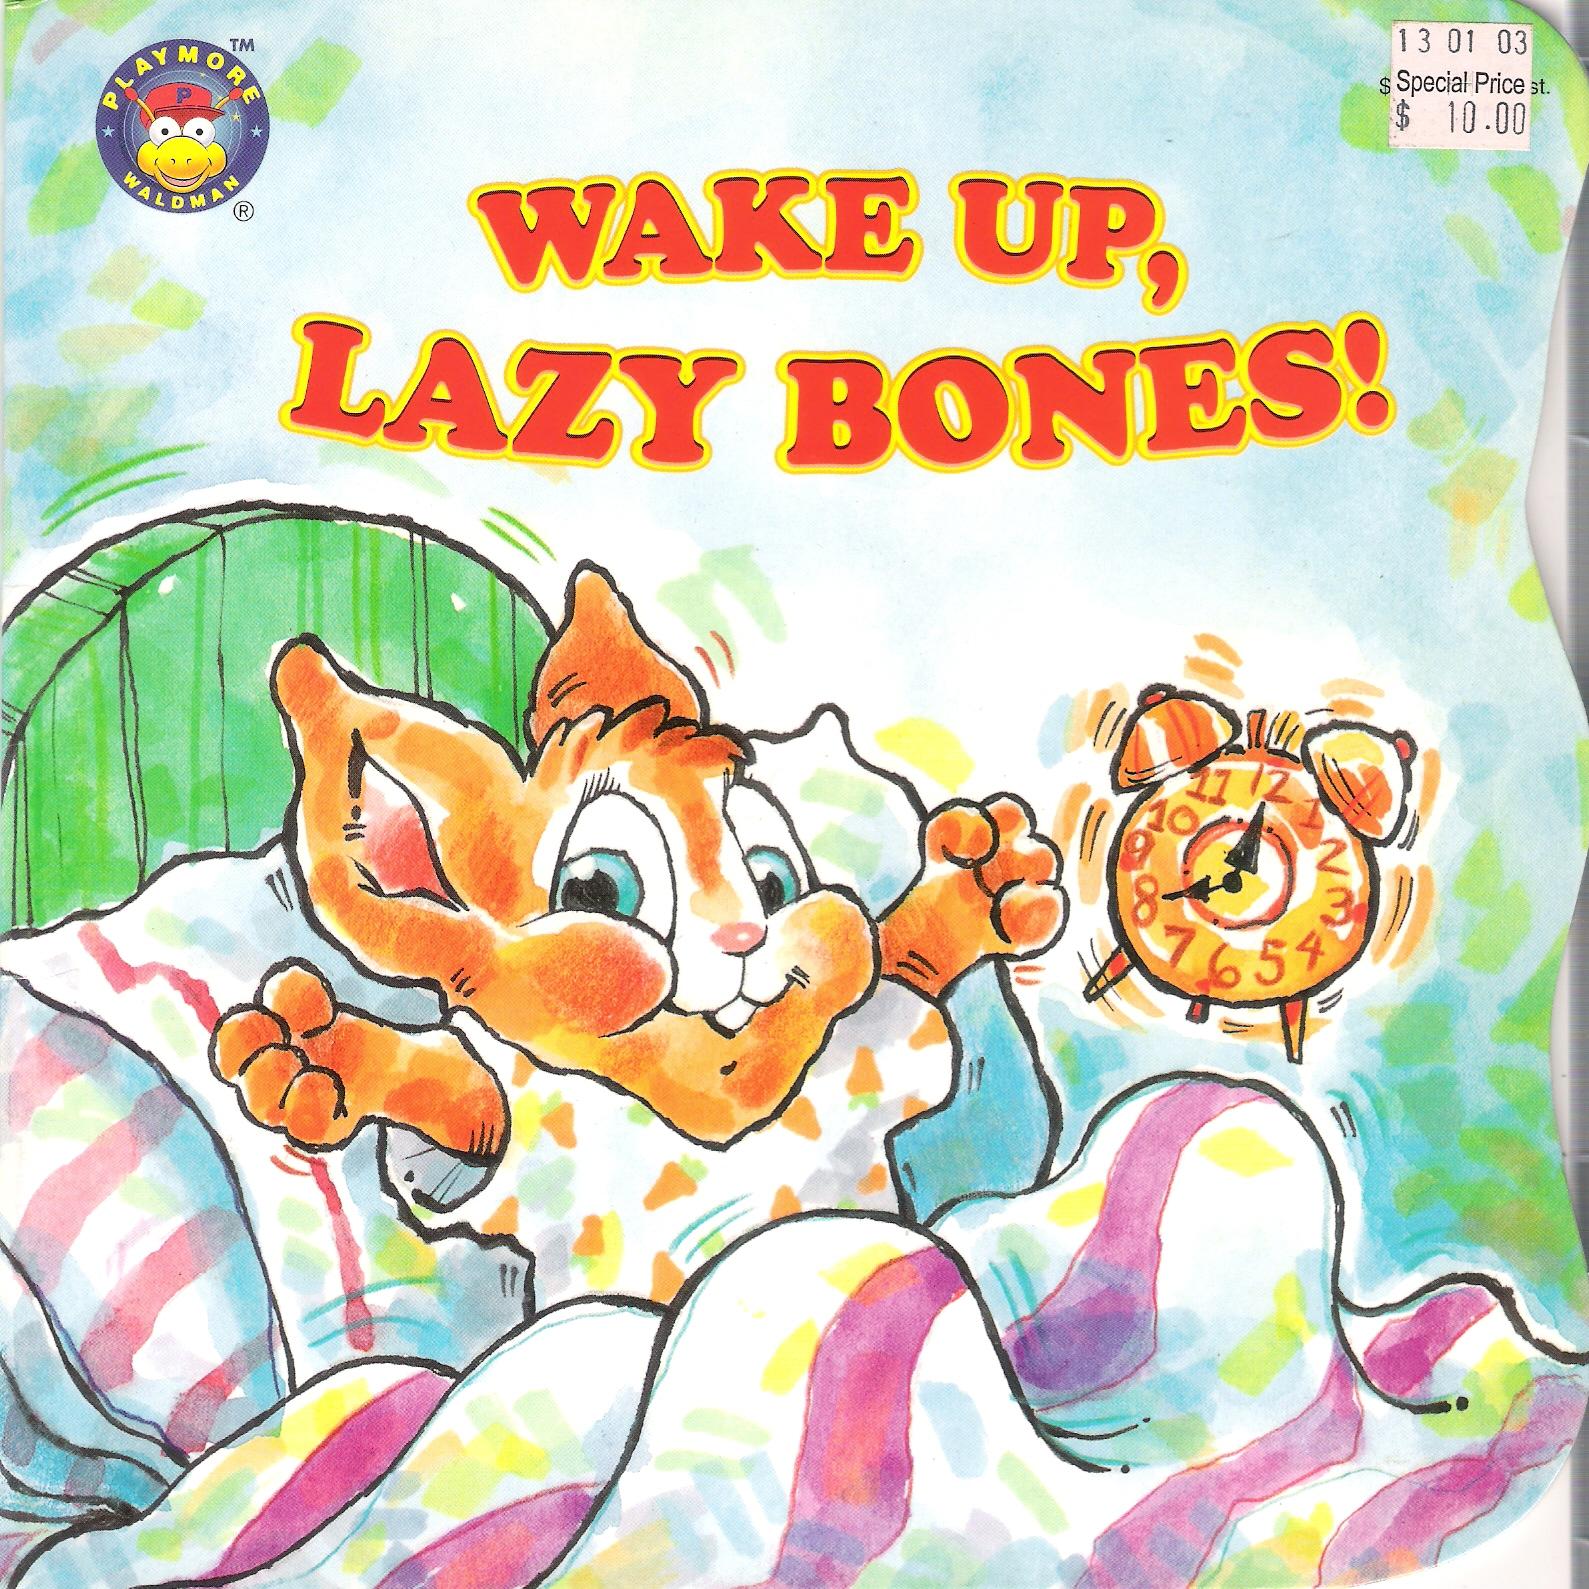 Wake Up, Lazy Bones.